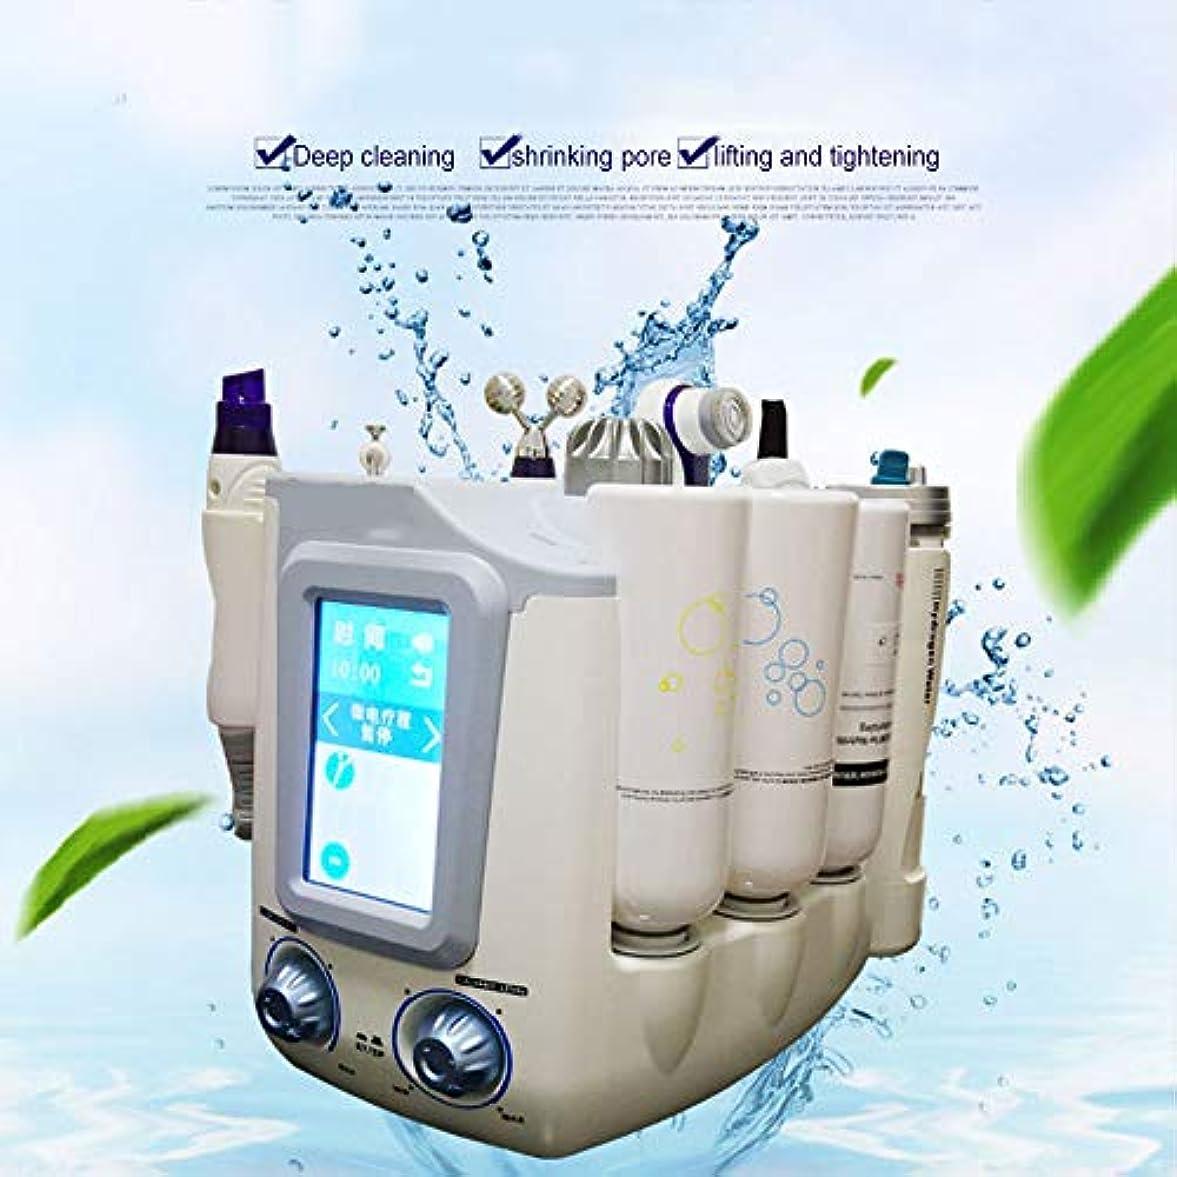 味方平衡小さな顔の美のスキンケア、水素の酸素の小さい泡Hydrofacial 6 1の多機能のスキンクリーナー、顔のクリーニングのにきびの若返りの美機械